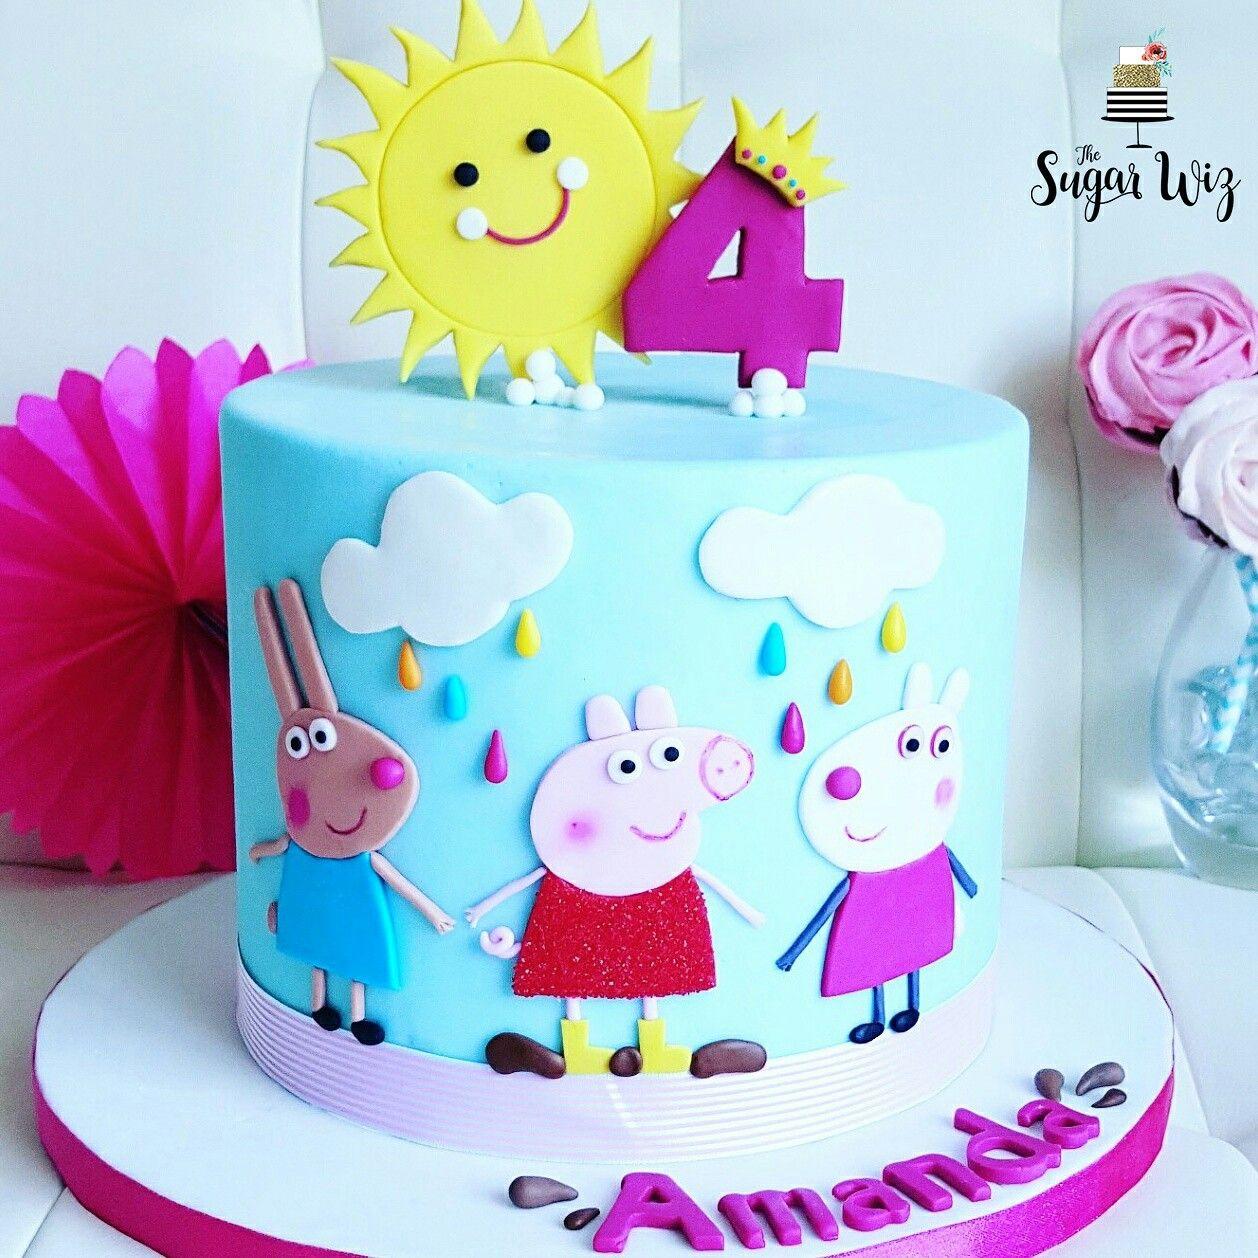 Peppa Pig, Peppa Pig Fondant Cake, Peppa Pig Cake, Peppa ...